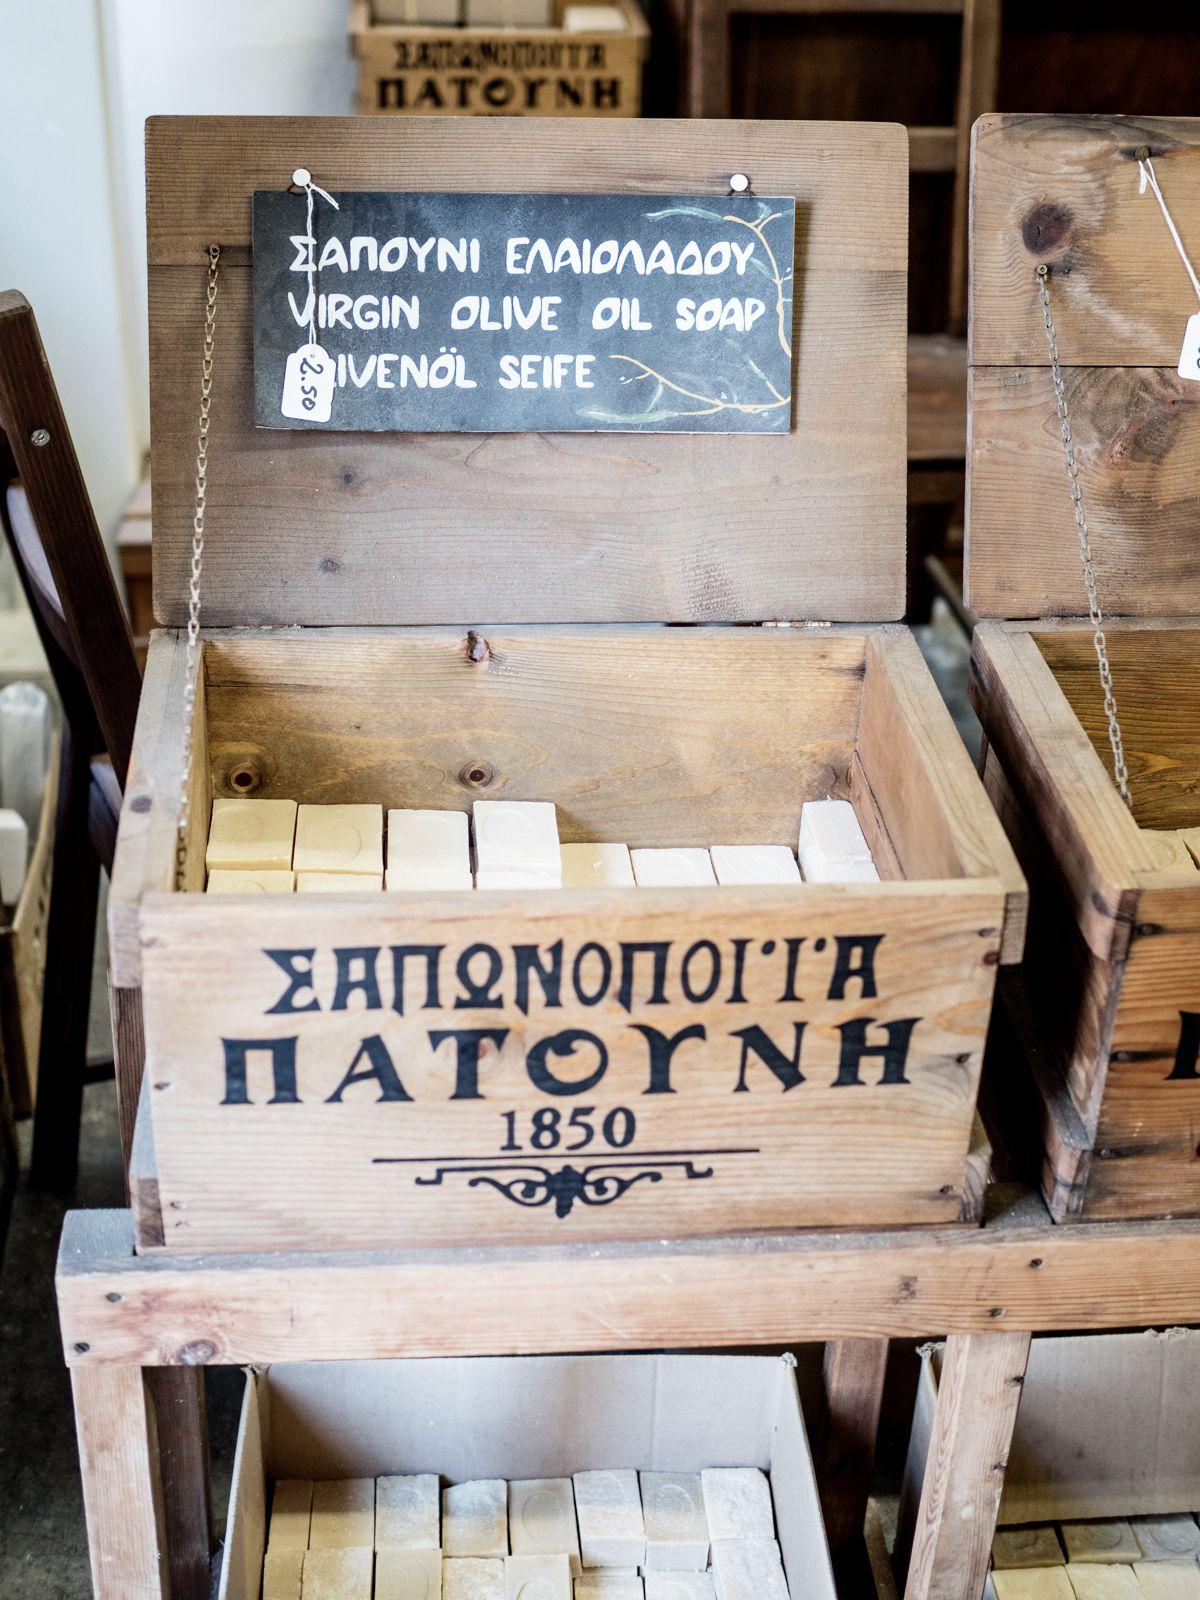 Patounis Soap Factory / Corfu / Greece / Travel nooraandnoora.com